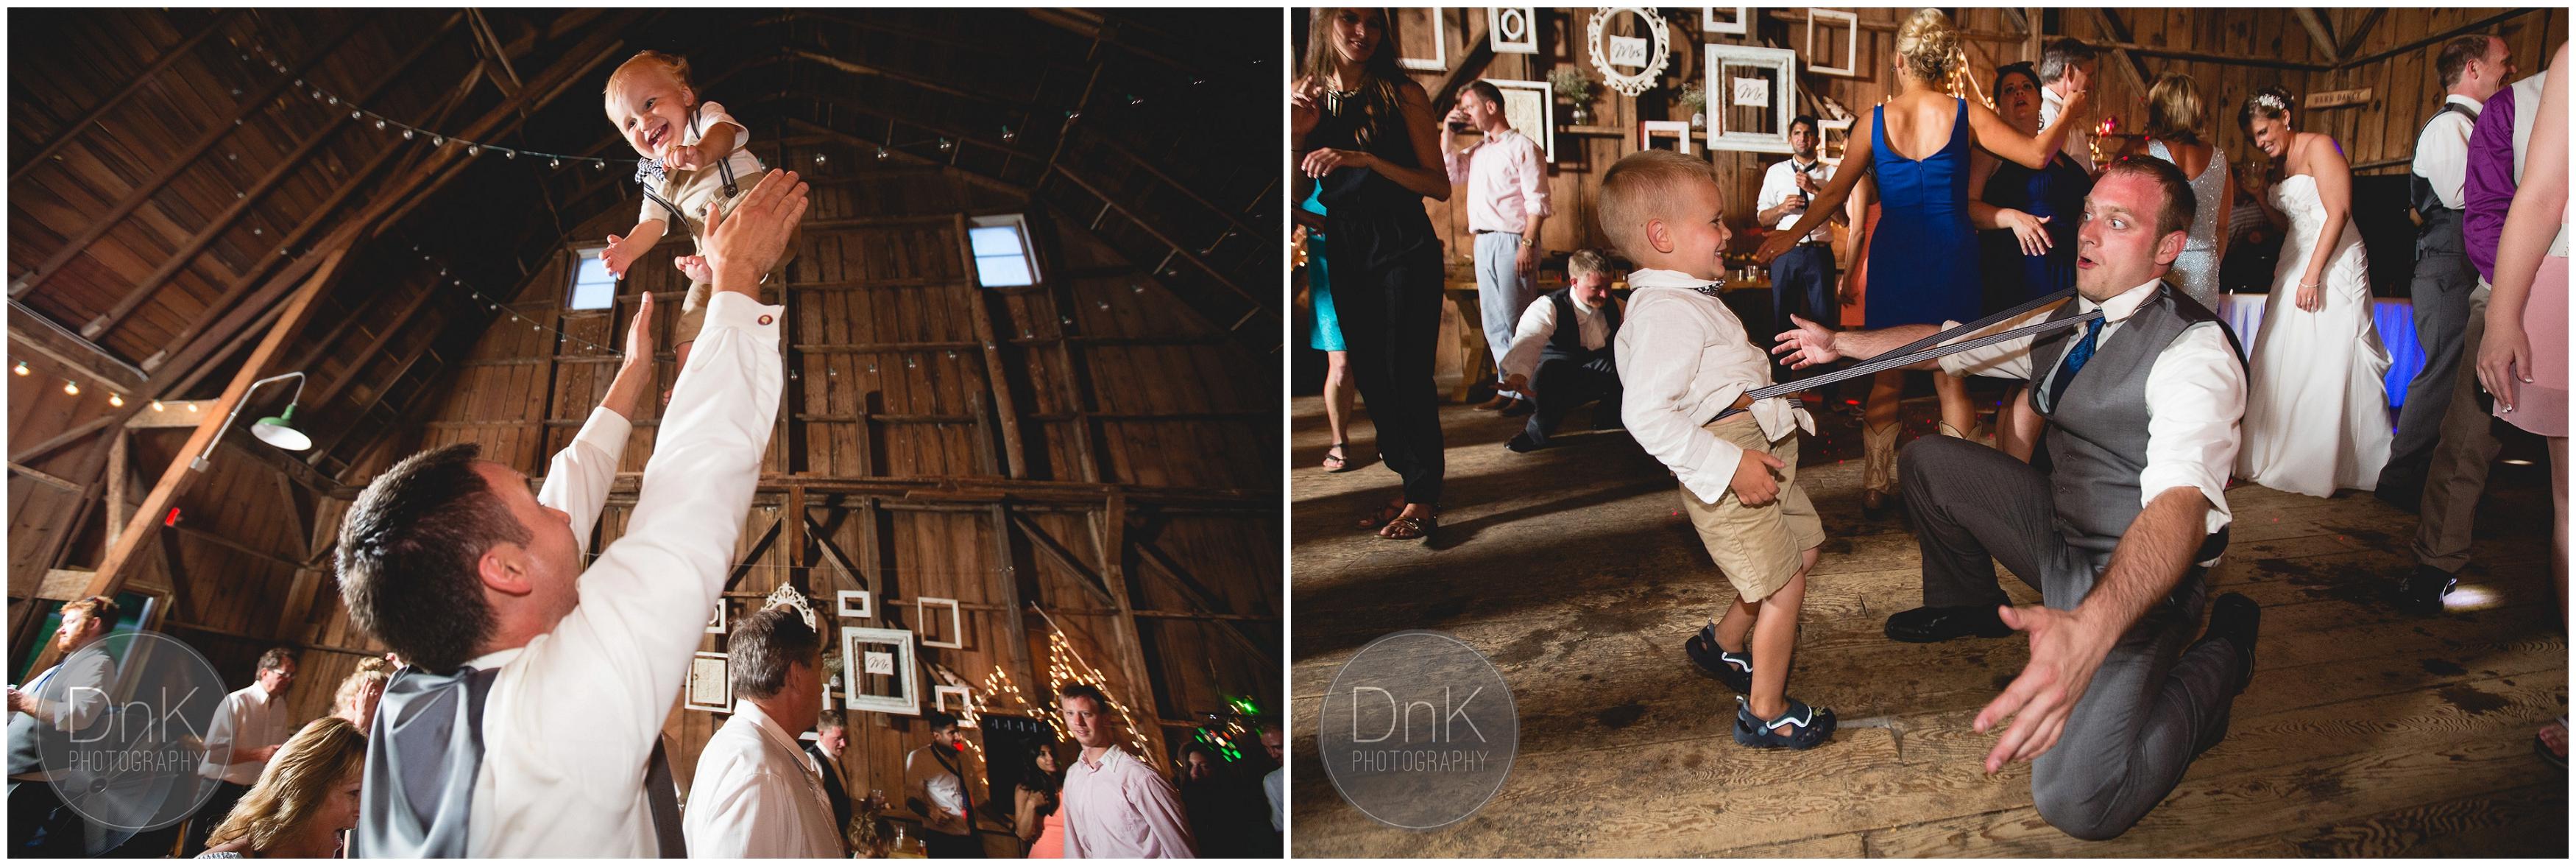 49- Dellwood Barn Wedding Dance